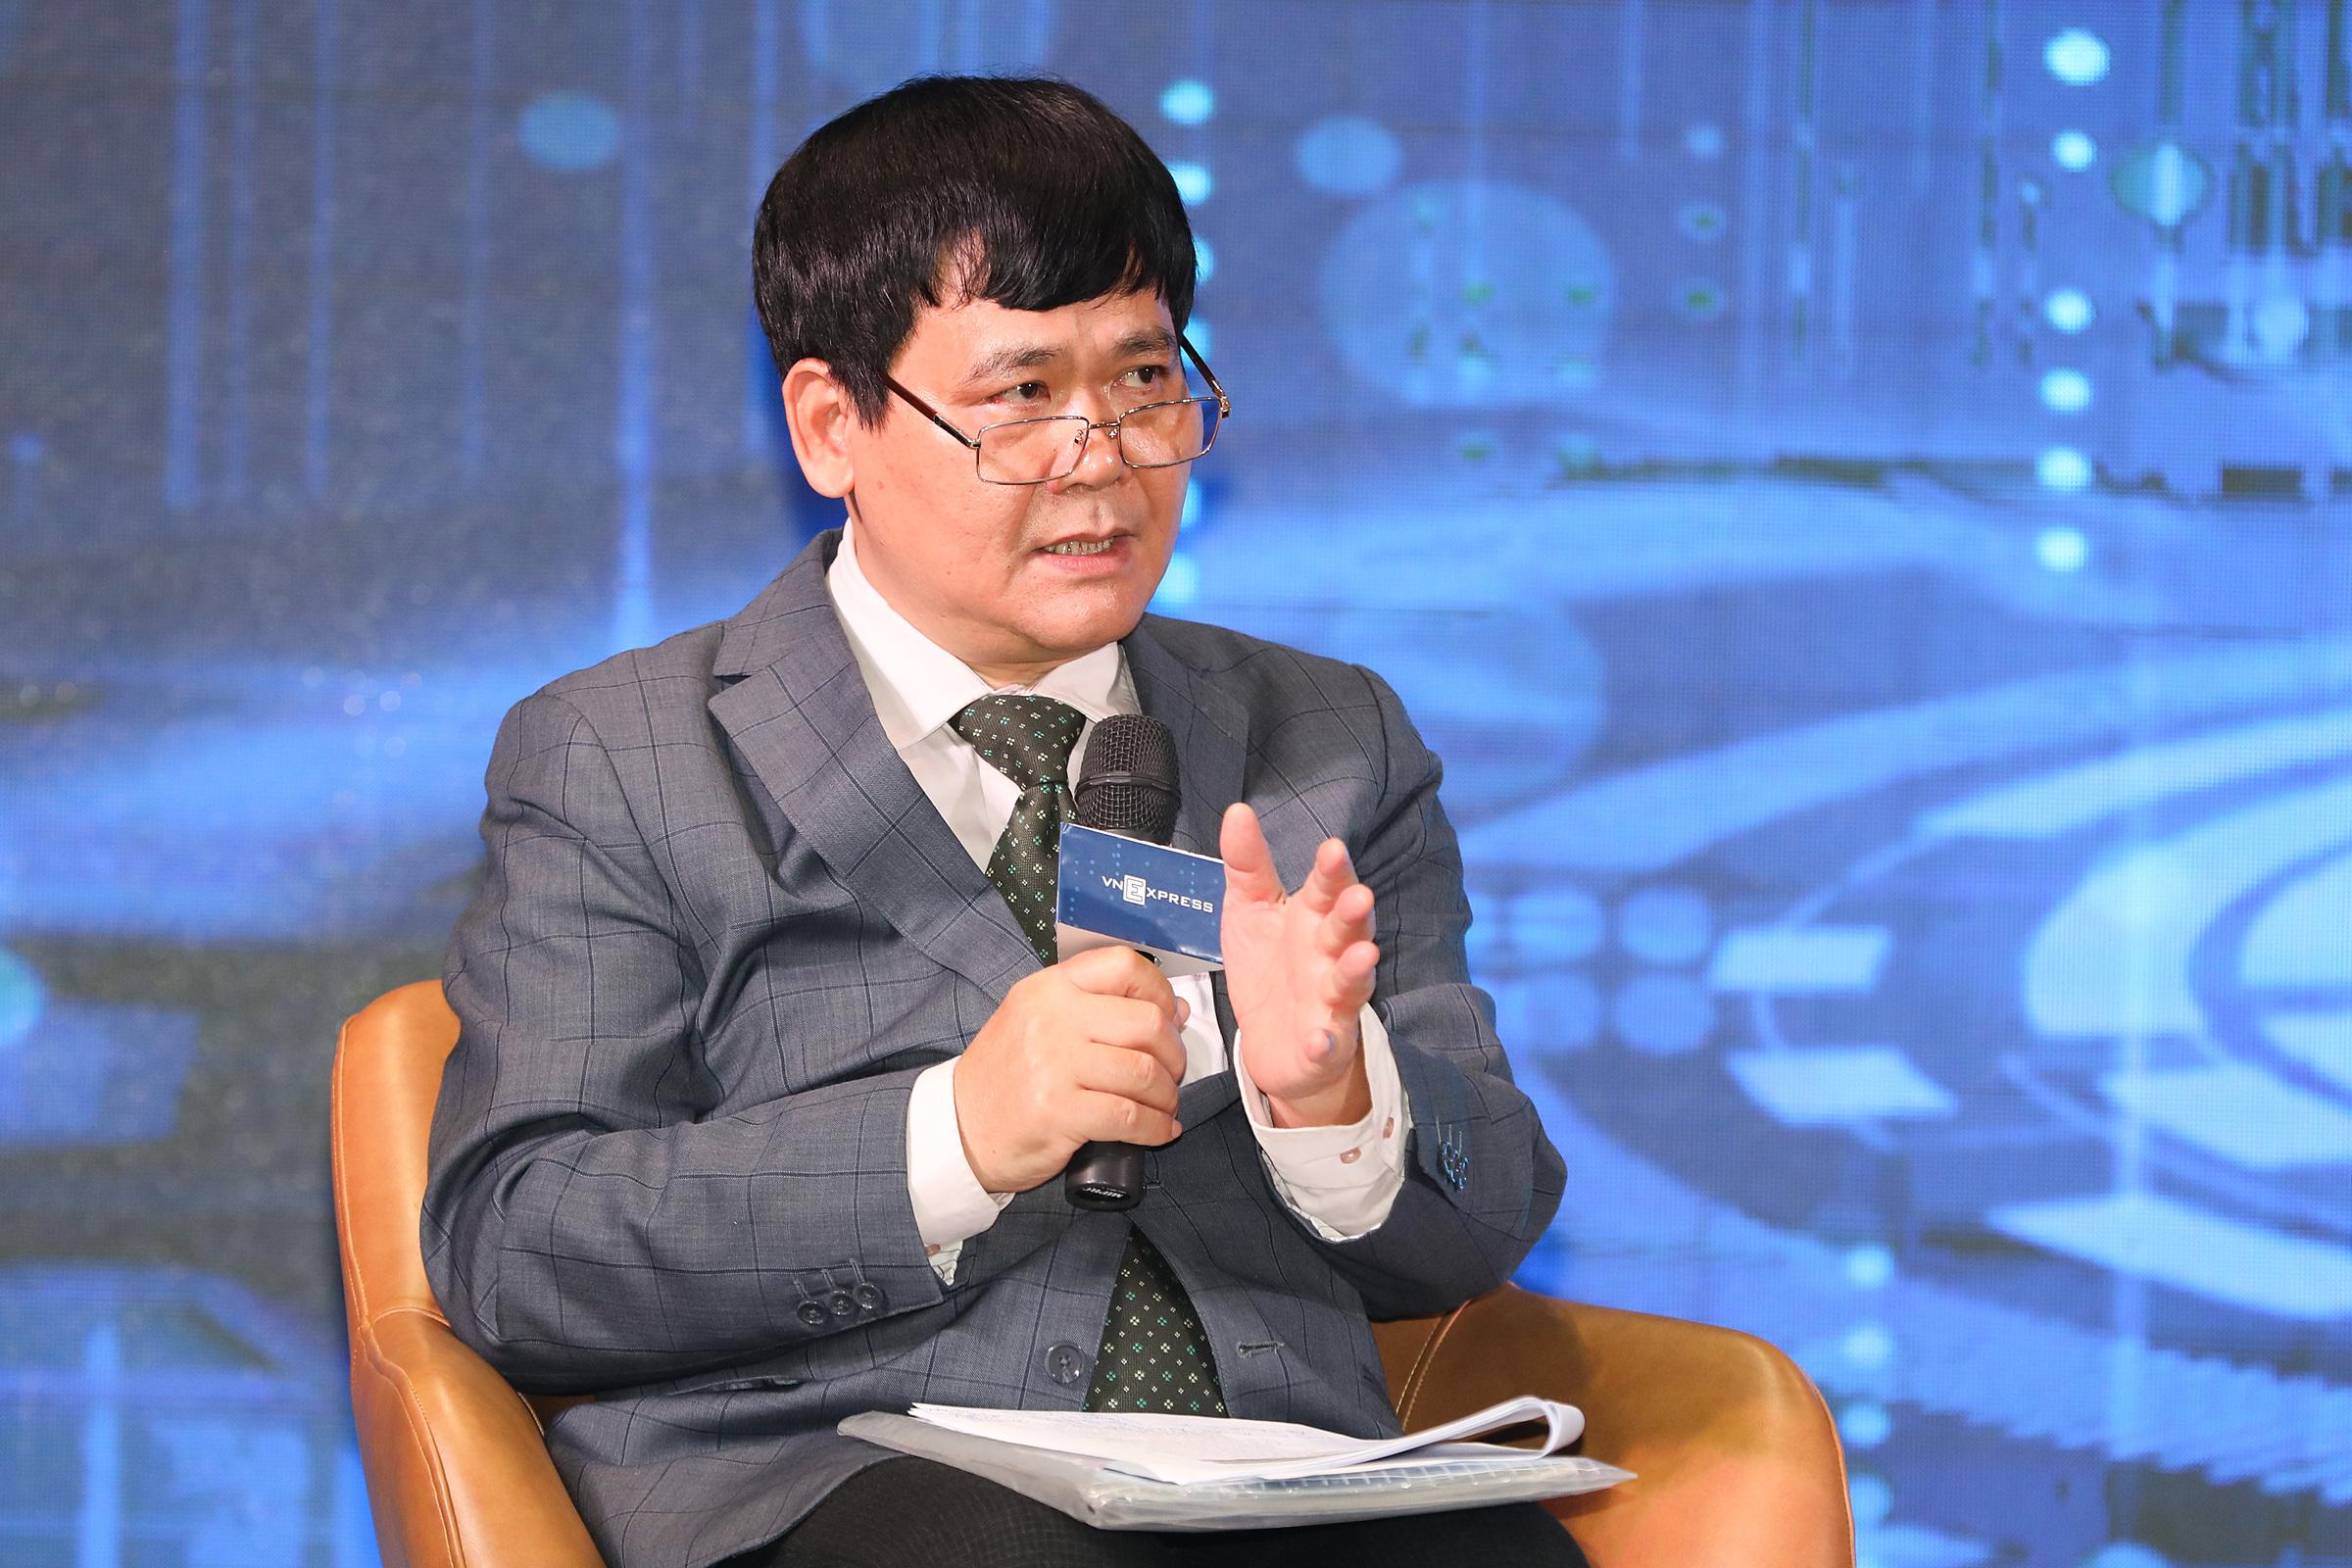 PGS.TS. Trần Kim Chung - Phó viện trưởng Viện Nghiên cứu Quản lý Kinh tế Trung ương. Ảnh: Quỳnh Trần.